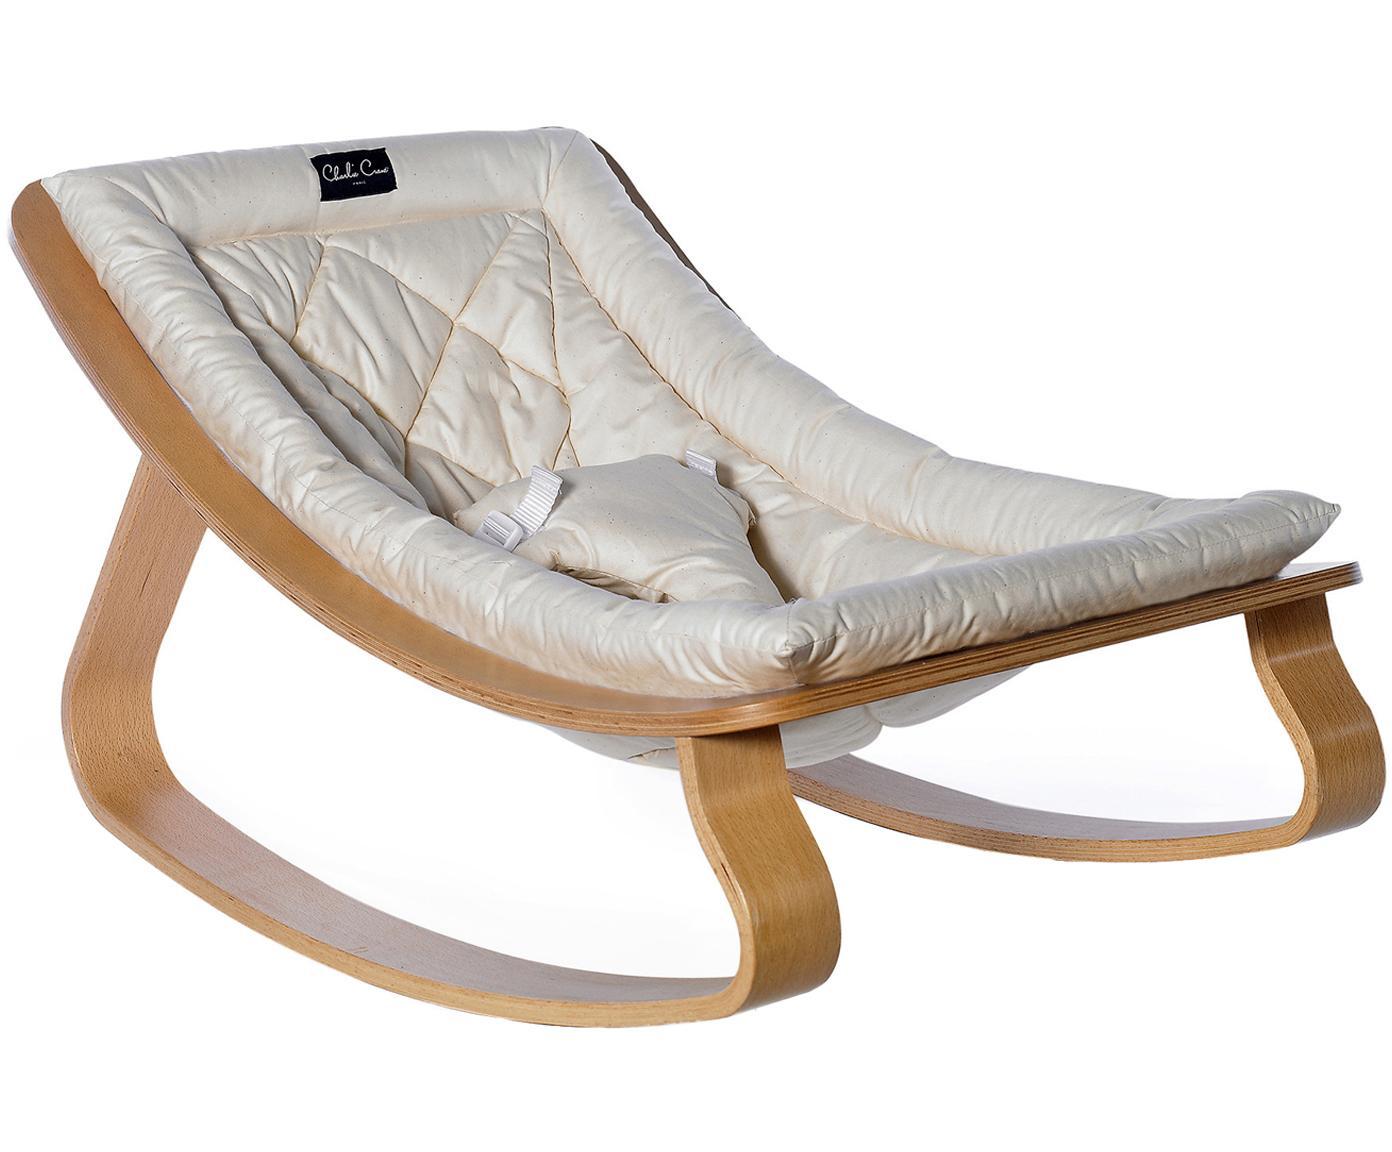 Sdraietta Levo Levo, Struttura: legno di betulla, legno d, Rivestimento: cotone, Marrone chiaro, bianco, Larg. 70 x Alt. 40 cm